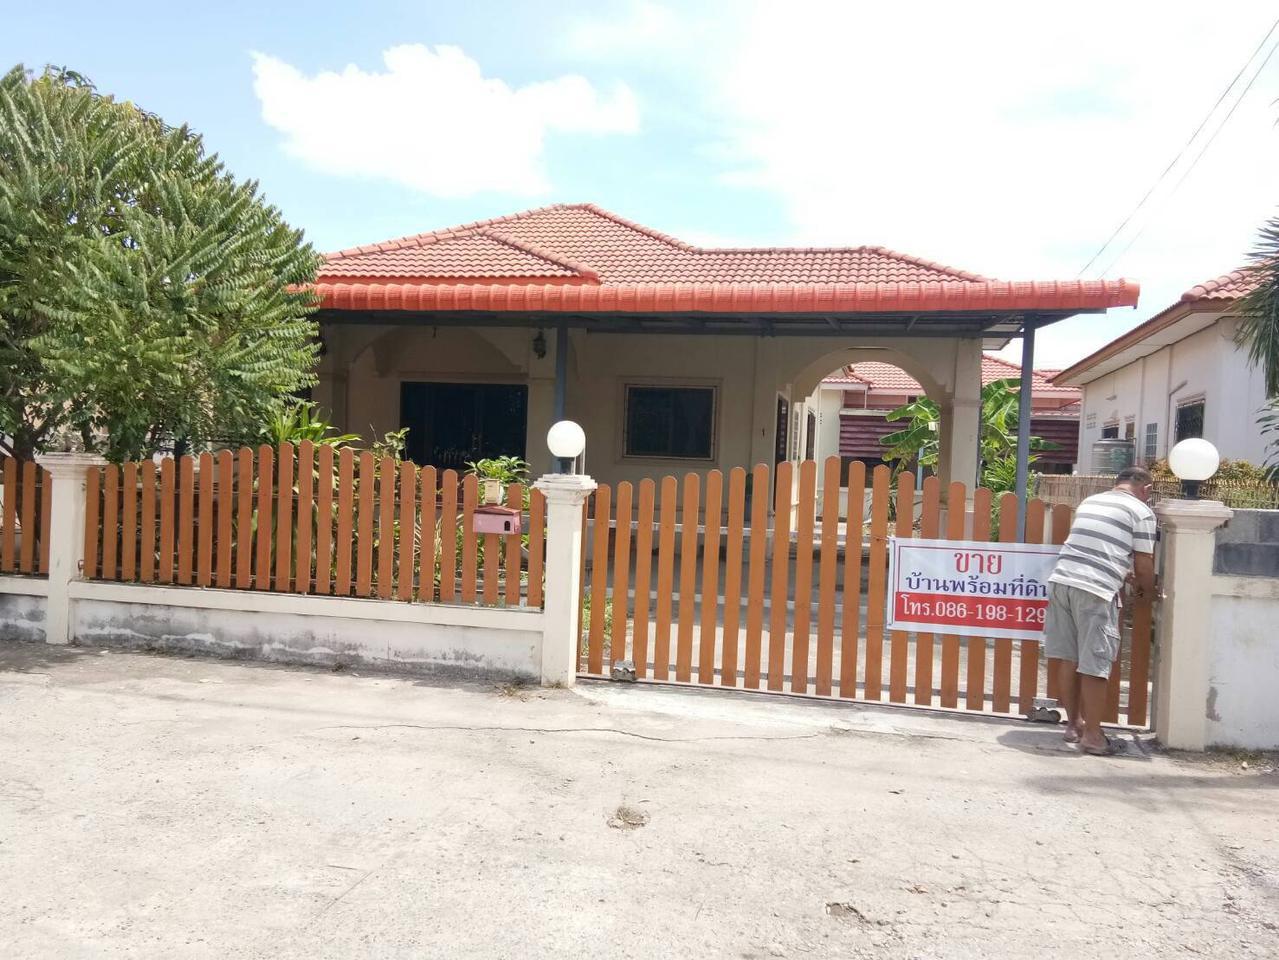 ขายด่วน บ้านเดี่ยวหมู่บ้านชื่อหมู่บ้าน ธรรมรักษา  รูปที่ 6